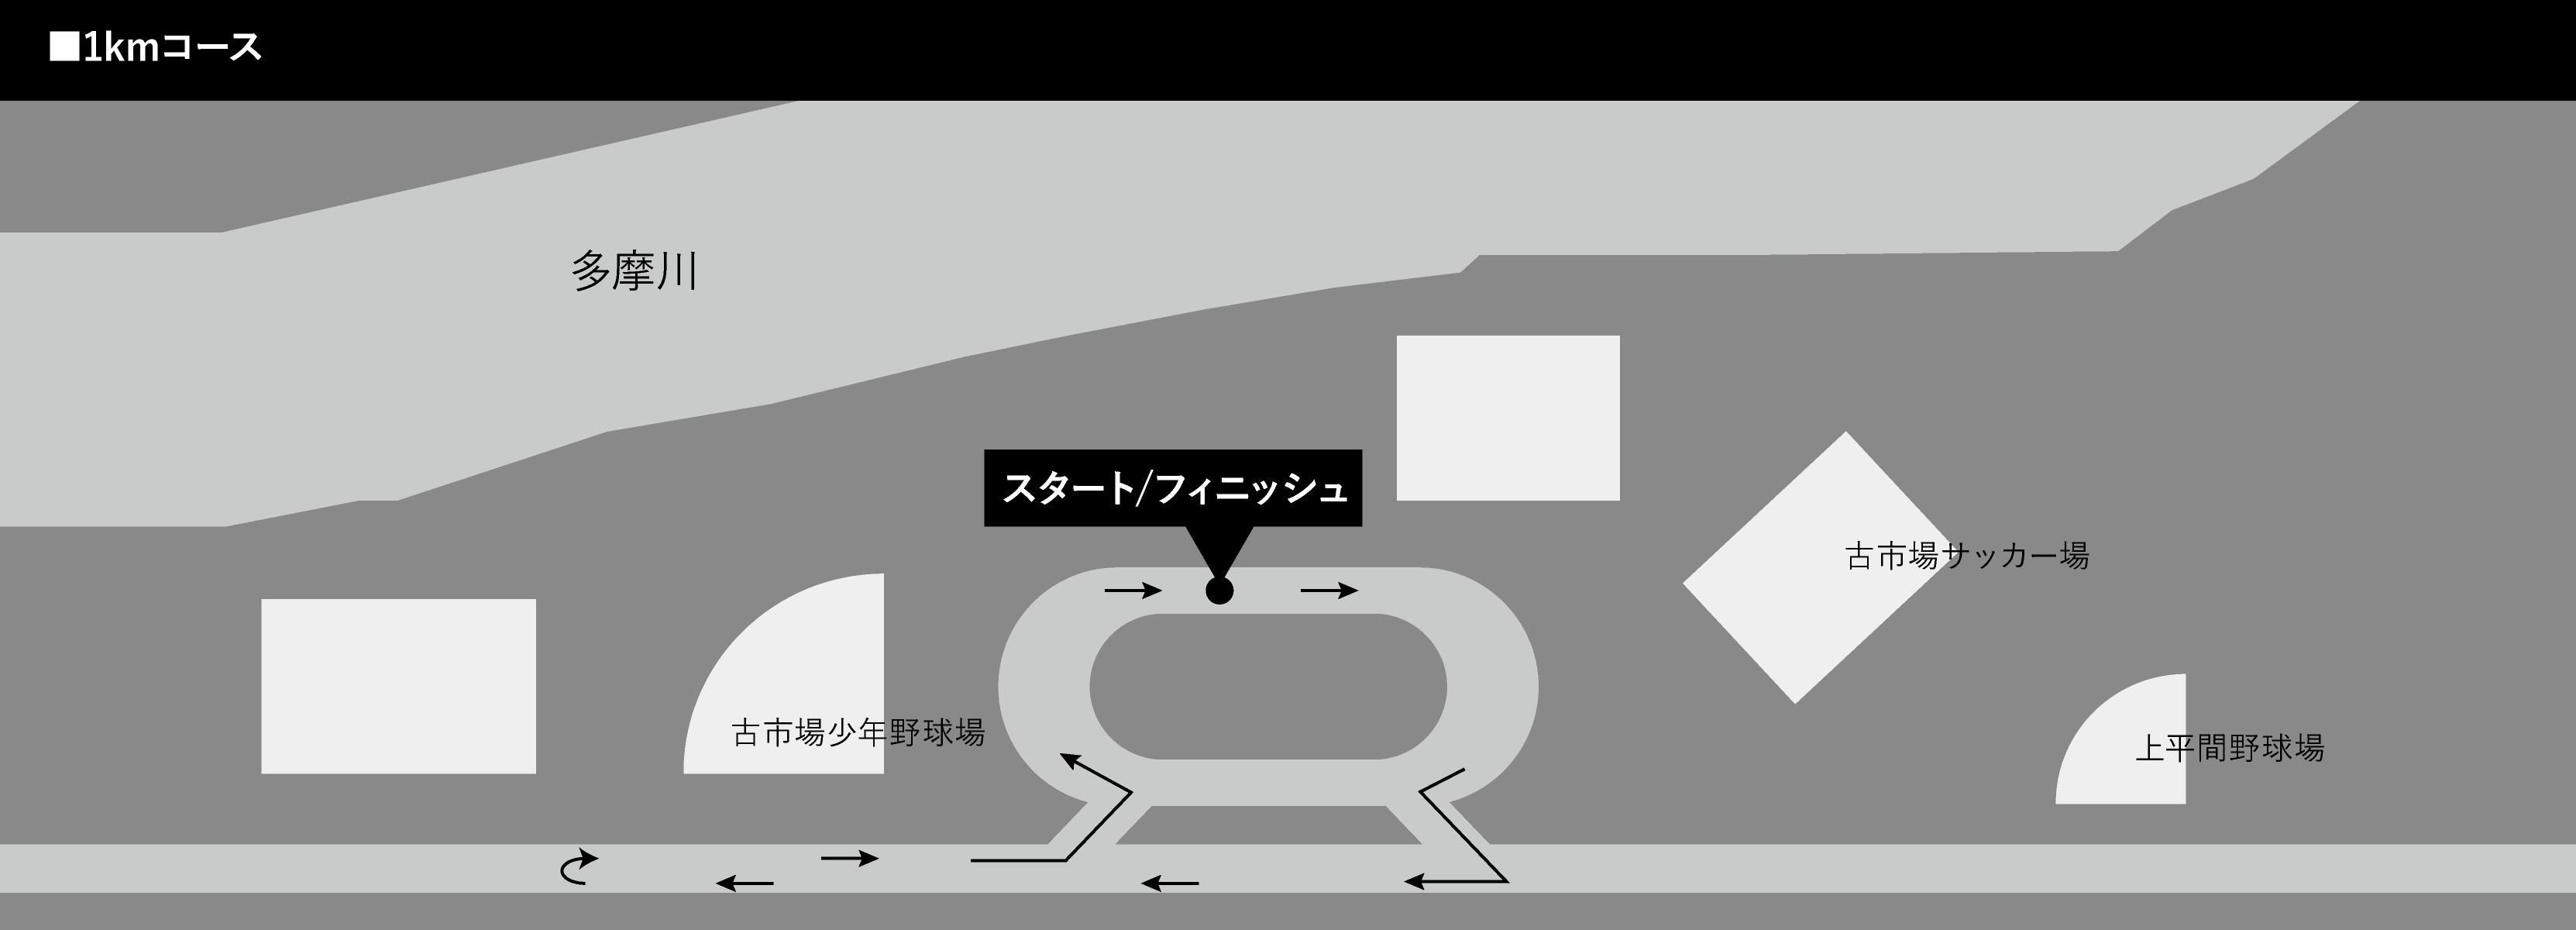 コースマップ・ハーフ・一般